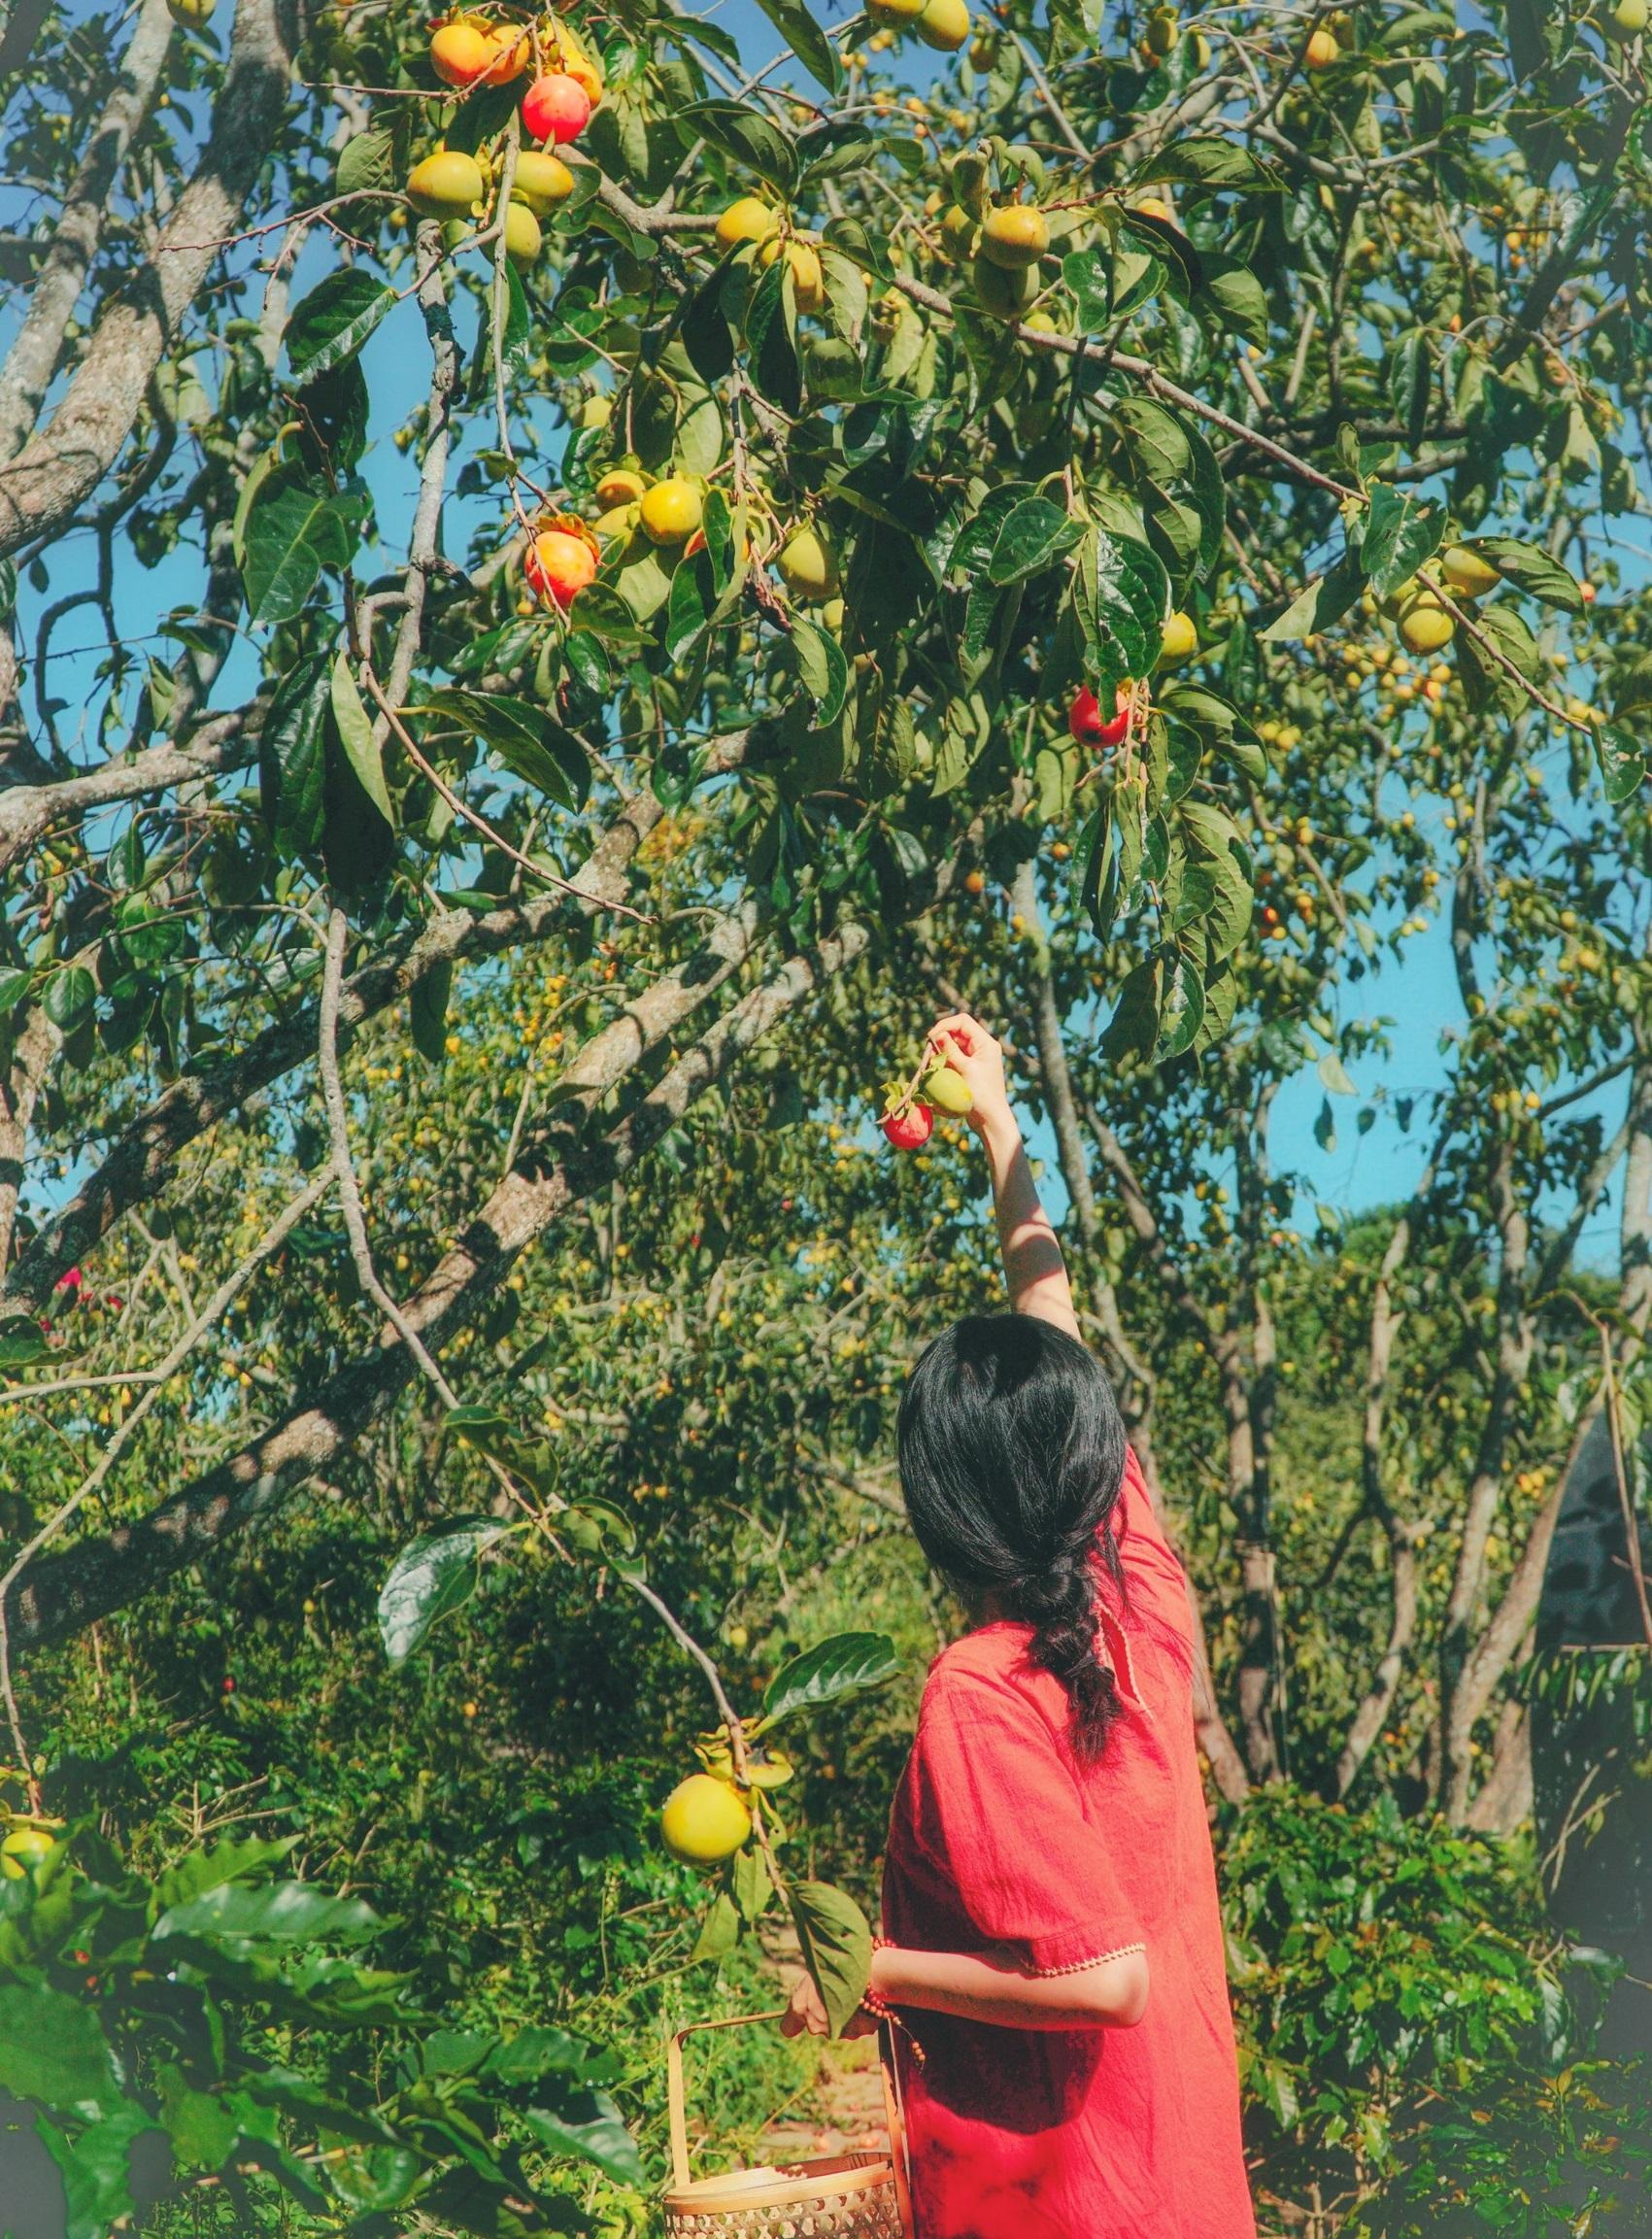 Thời trước, người Đà Lạt chưa biết cách làm hồng treo gió thì quả hồng đến mùa mất giá, chín rụng đầy vườn, chỉ thu hái ủ vôi cho hết chát. Bây giờ có nhiều cách sử dụng, khai thác quả hồng chín nên giá hồng khá hơn mang đến thu nhập cơ bản ổn định, chị nói.  Quả hồng muốn ăn chín cây không chát thì phải chọn quả đỏ mọng mềm, mỏng vỏ, khi cắn vào sẽ cảm nhận được vị ngọt lịm. Ngoài ra, có thể ủ hồng trong lu gạo theo phương pháp truyền thống để hồng chín đỏ mềm tự nhiên mang đến vị ngọt đậm đà, còn nếu ủ khí đá thì khi chín có vị ngọt nhạt, không ngon bằng.